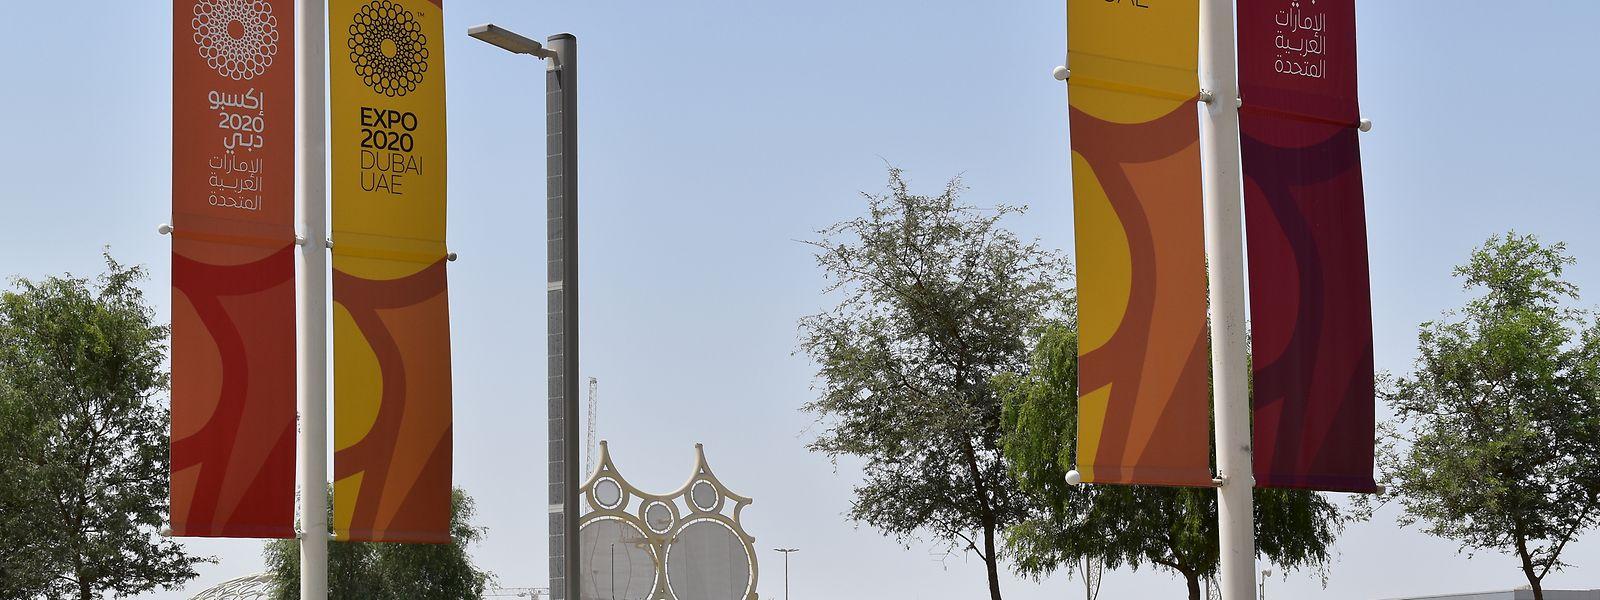 Les Luxembourgeois sont attirés par la prochaine Exposition universelle à Dubai